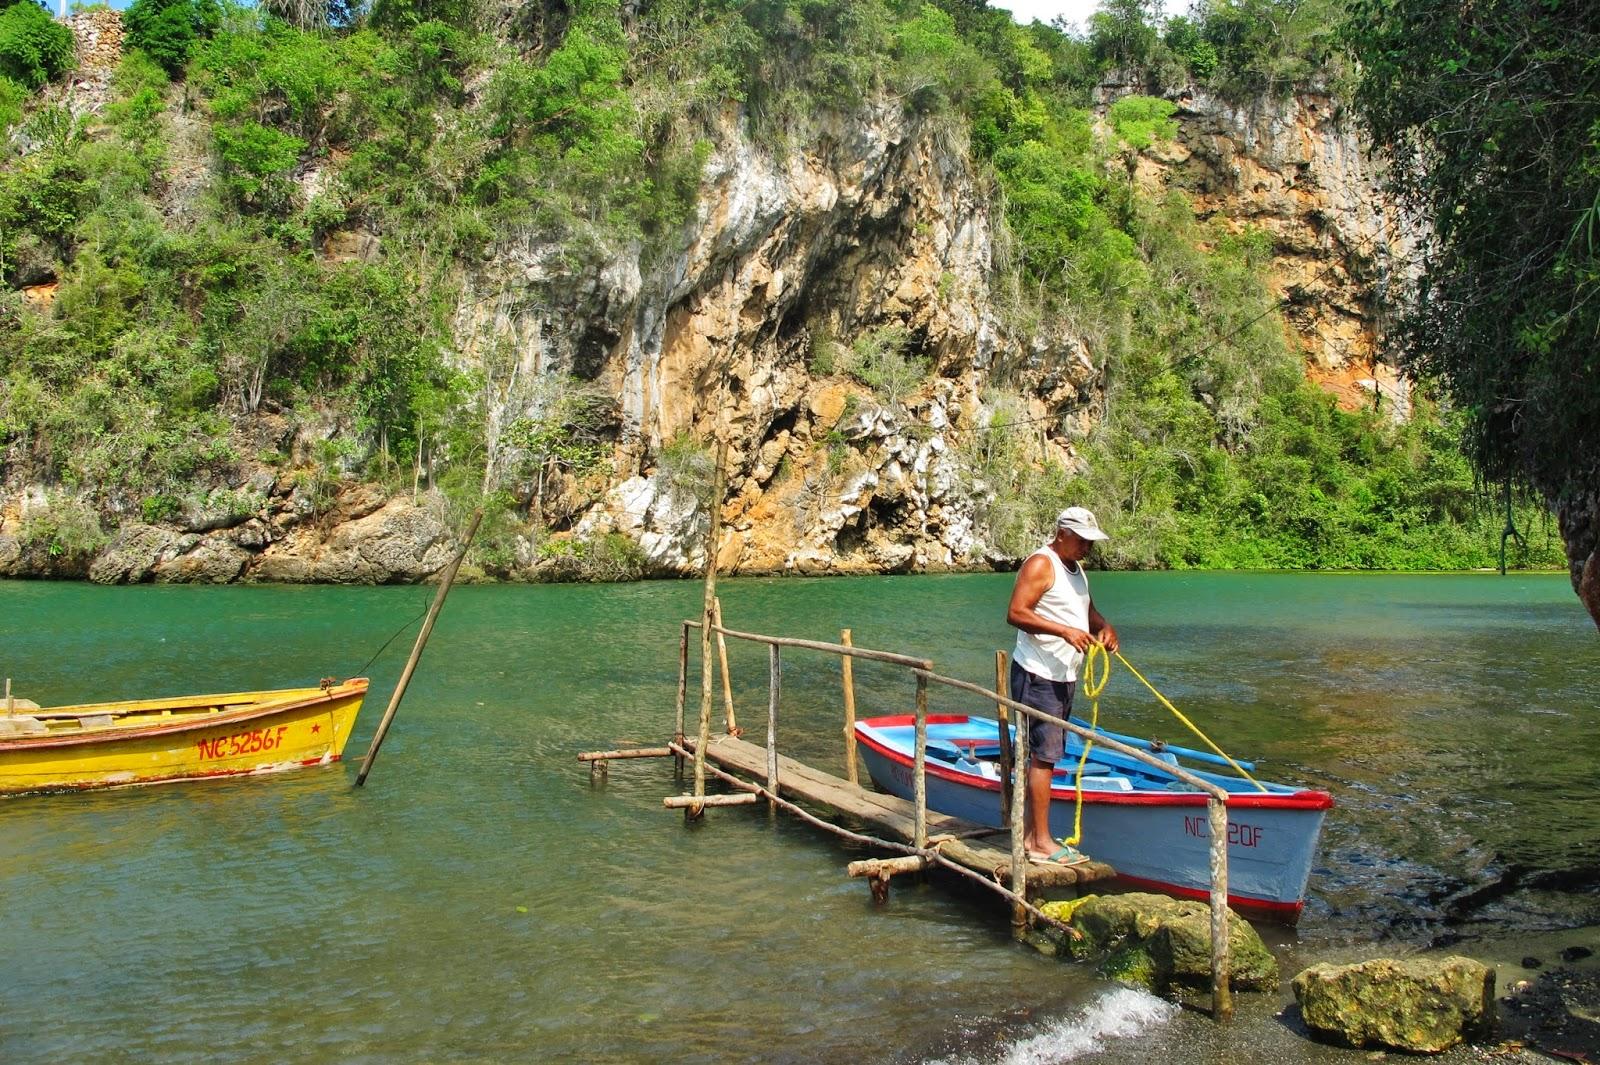 Boca de Yumurí, um cânion em Cuba.